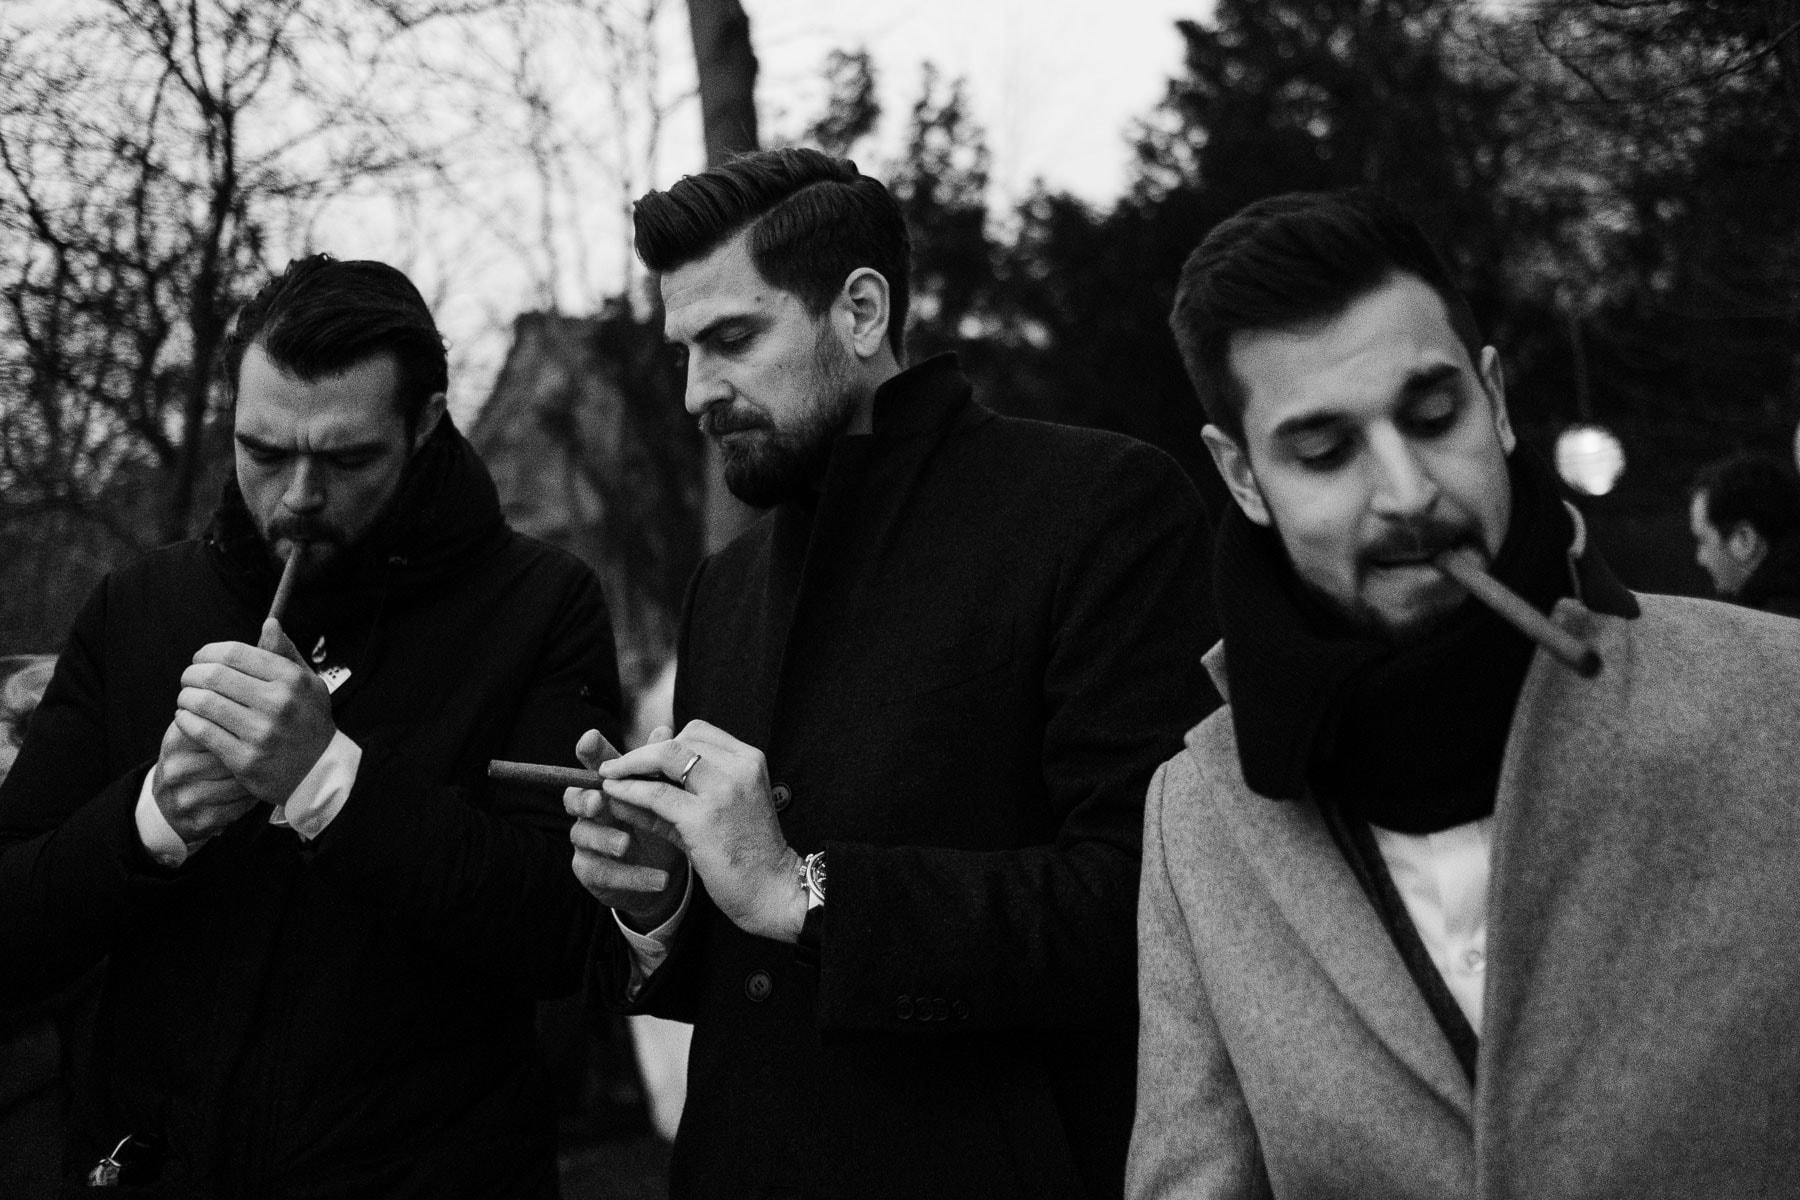 der Bräutigam steht mit 2 Männern draußen, der Bräutigam hat eine Zigarre in dem Mund, ein Mann hat ebenfalls eine Zigarre im Mund und steckt sie gerade an, ein anderer Mann hält seine Zigarre in der Hand